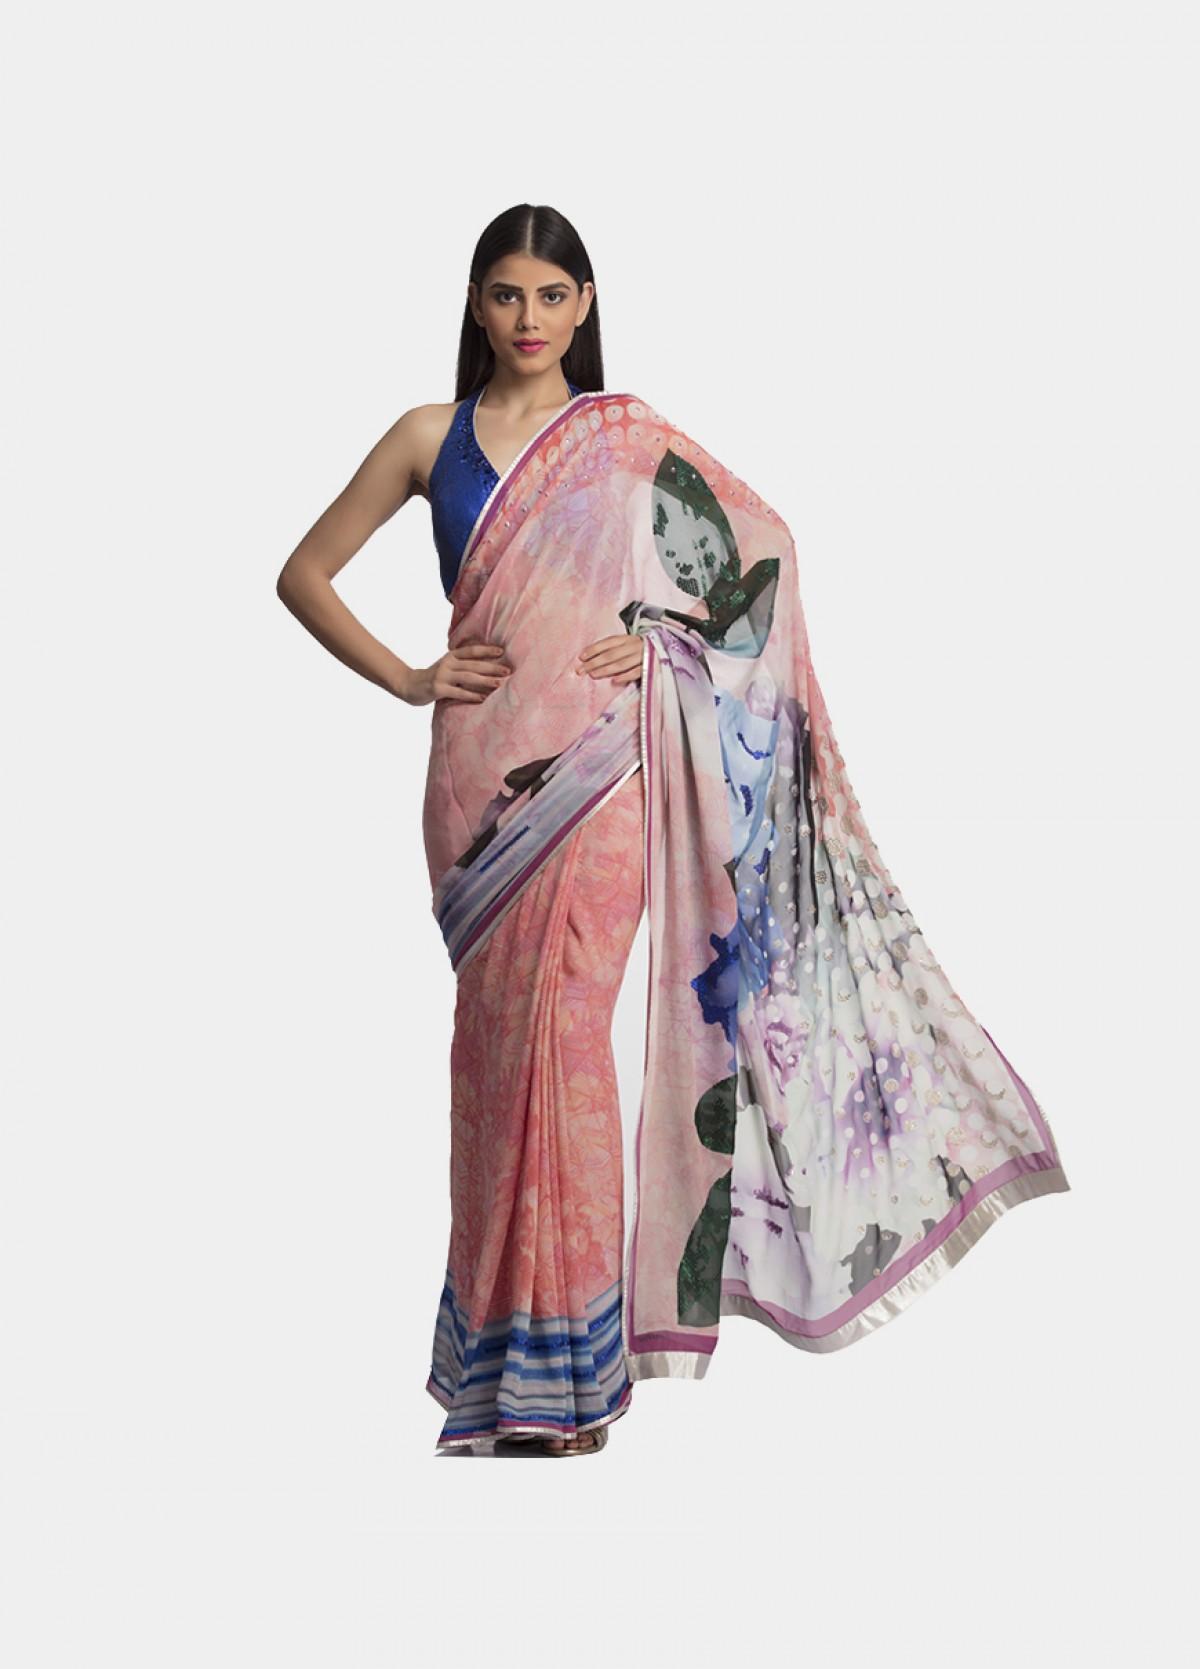 The Royal Peach Sari